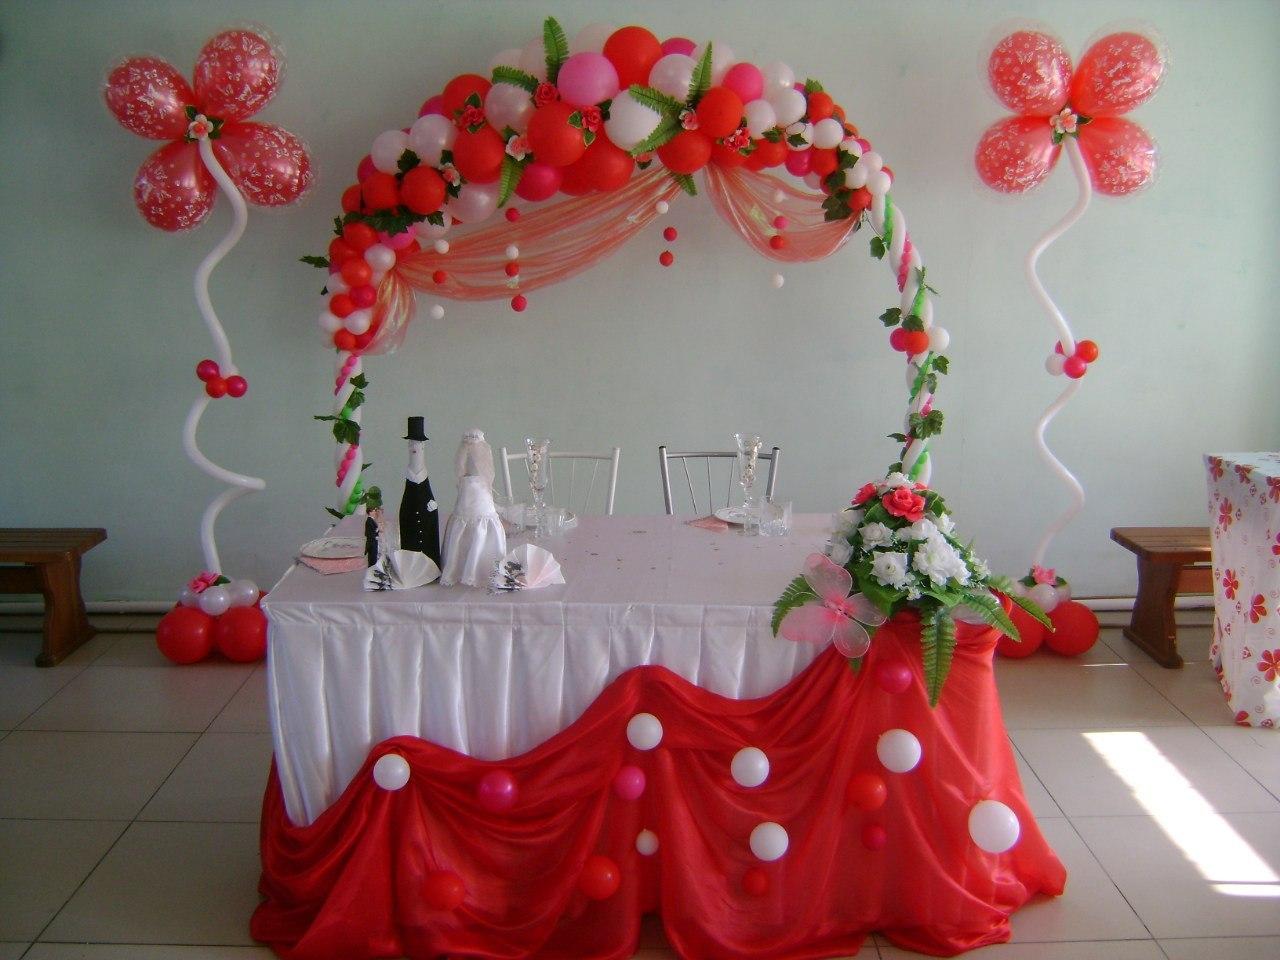 Как сделать украшения для зала на свадьбу своими руками фото